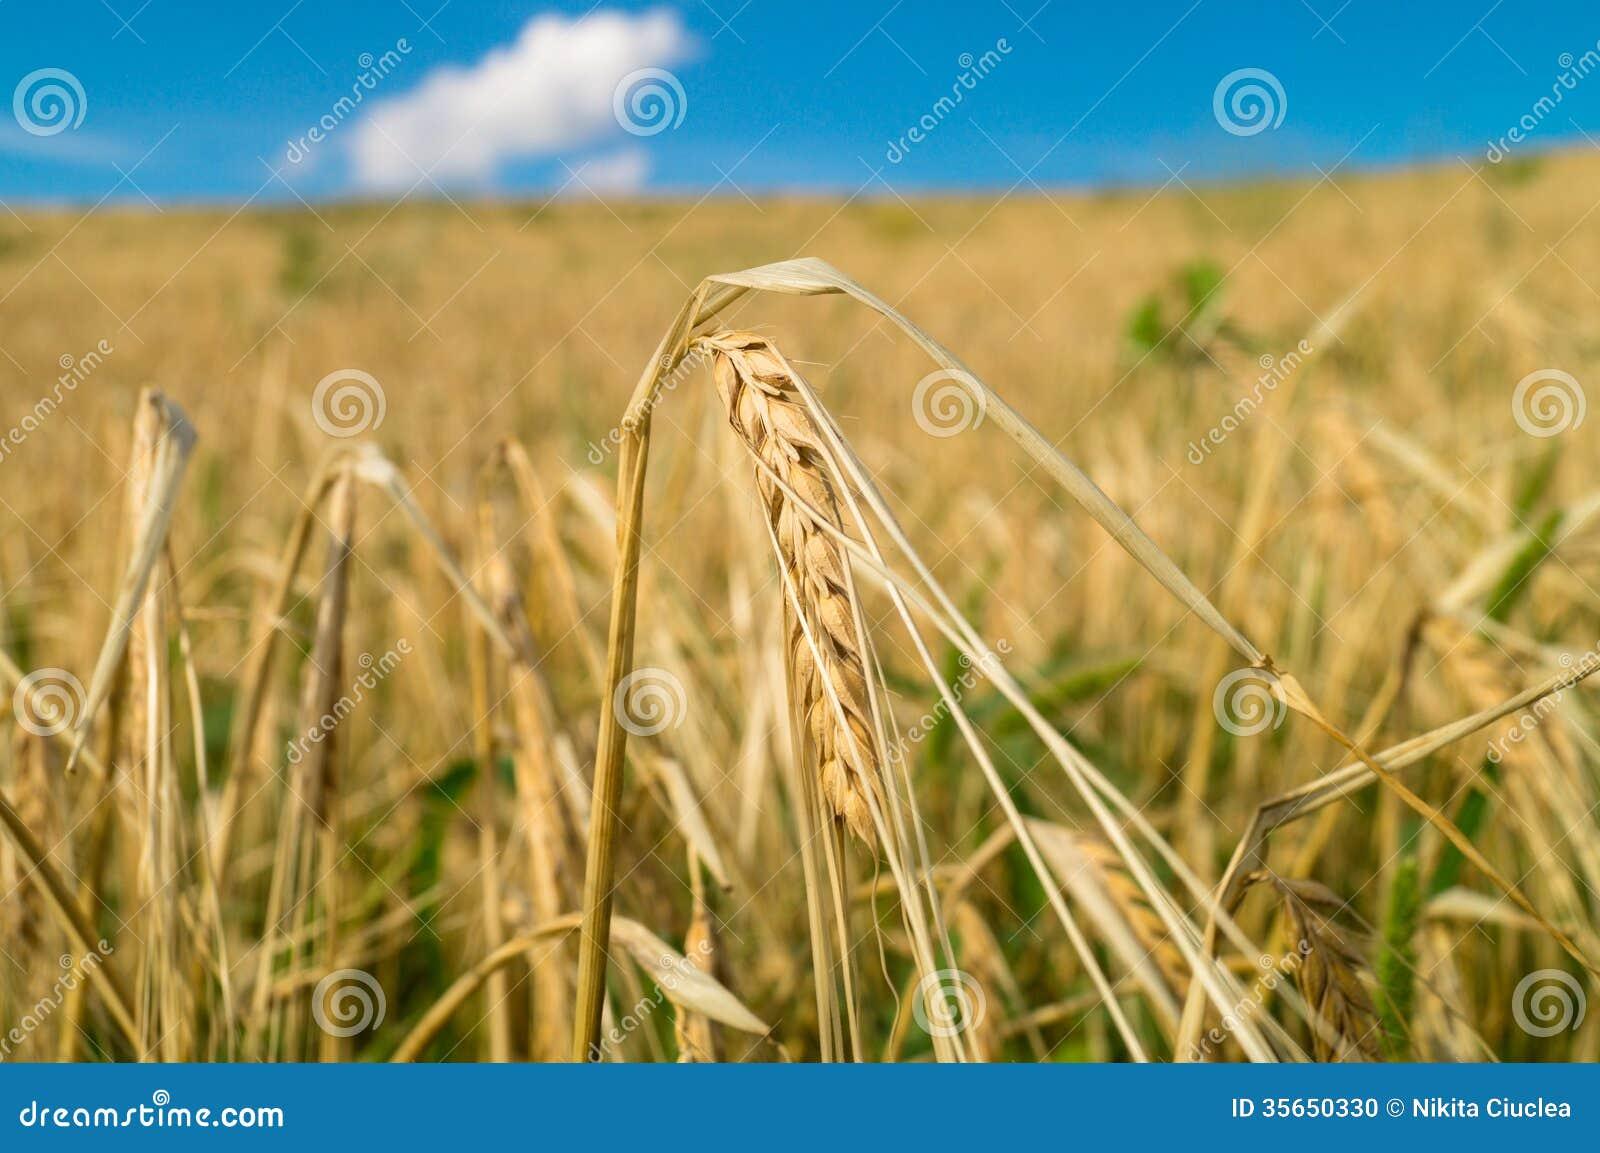 Oreille de blé dans un domaine